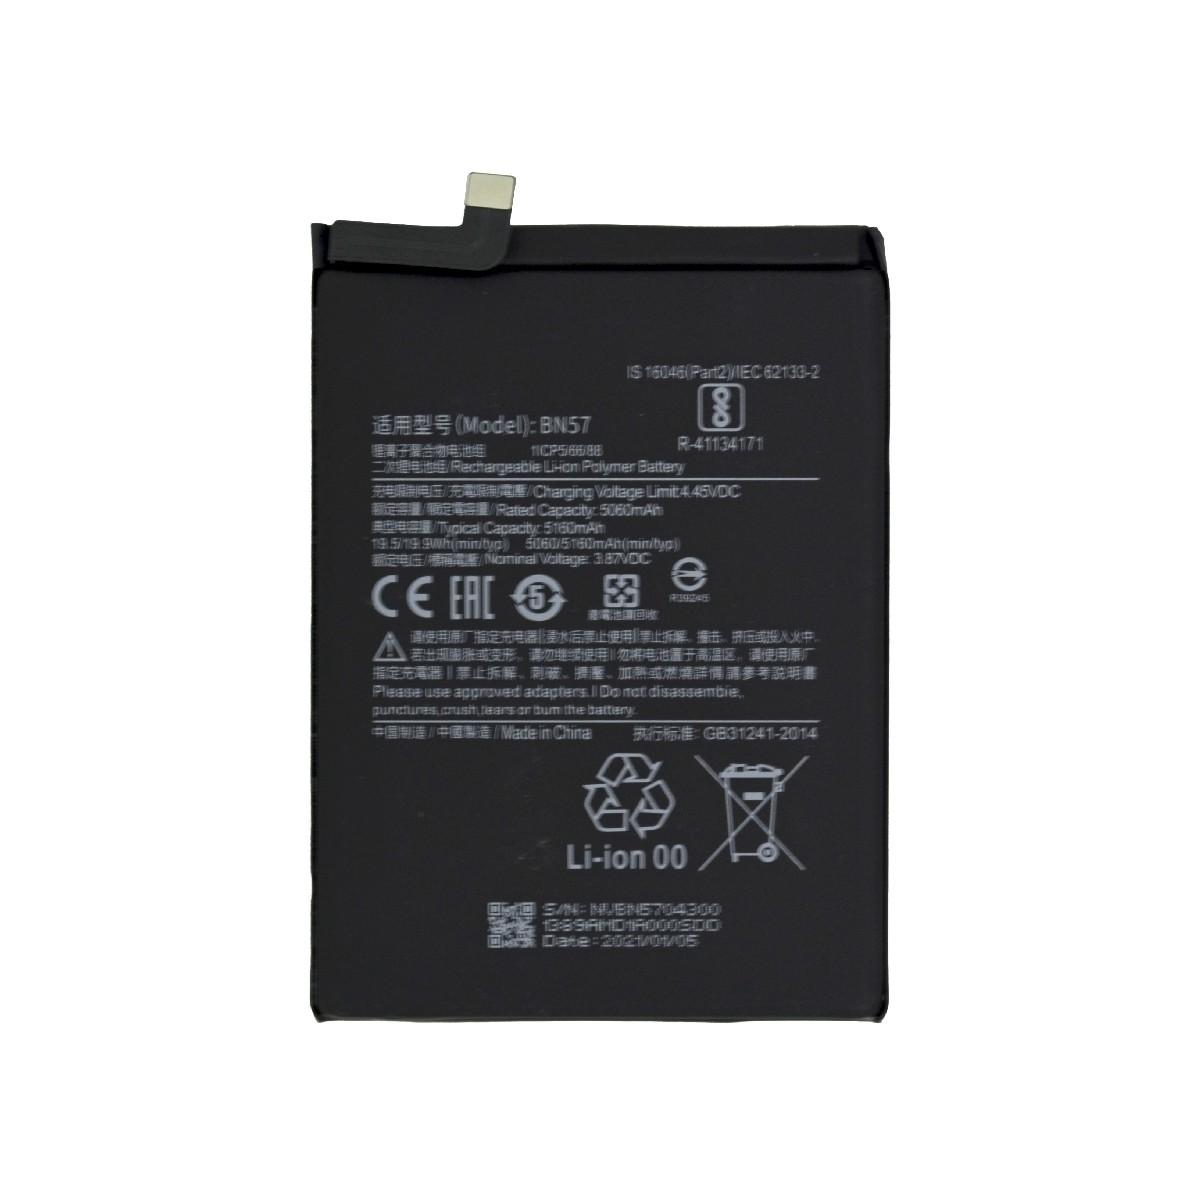 Μπαταρία Τύπου BN57 για Xiaomi Poco X3 5060mAh OEM Bulk